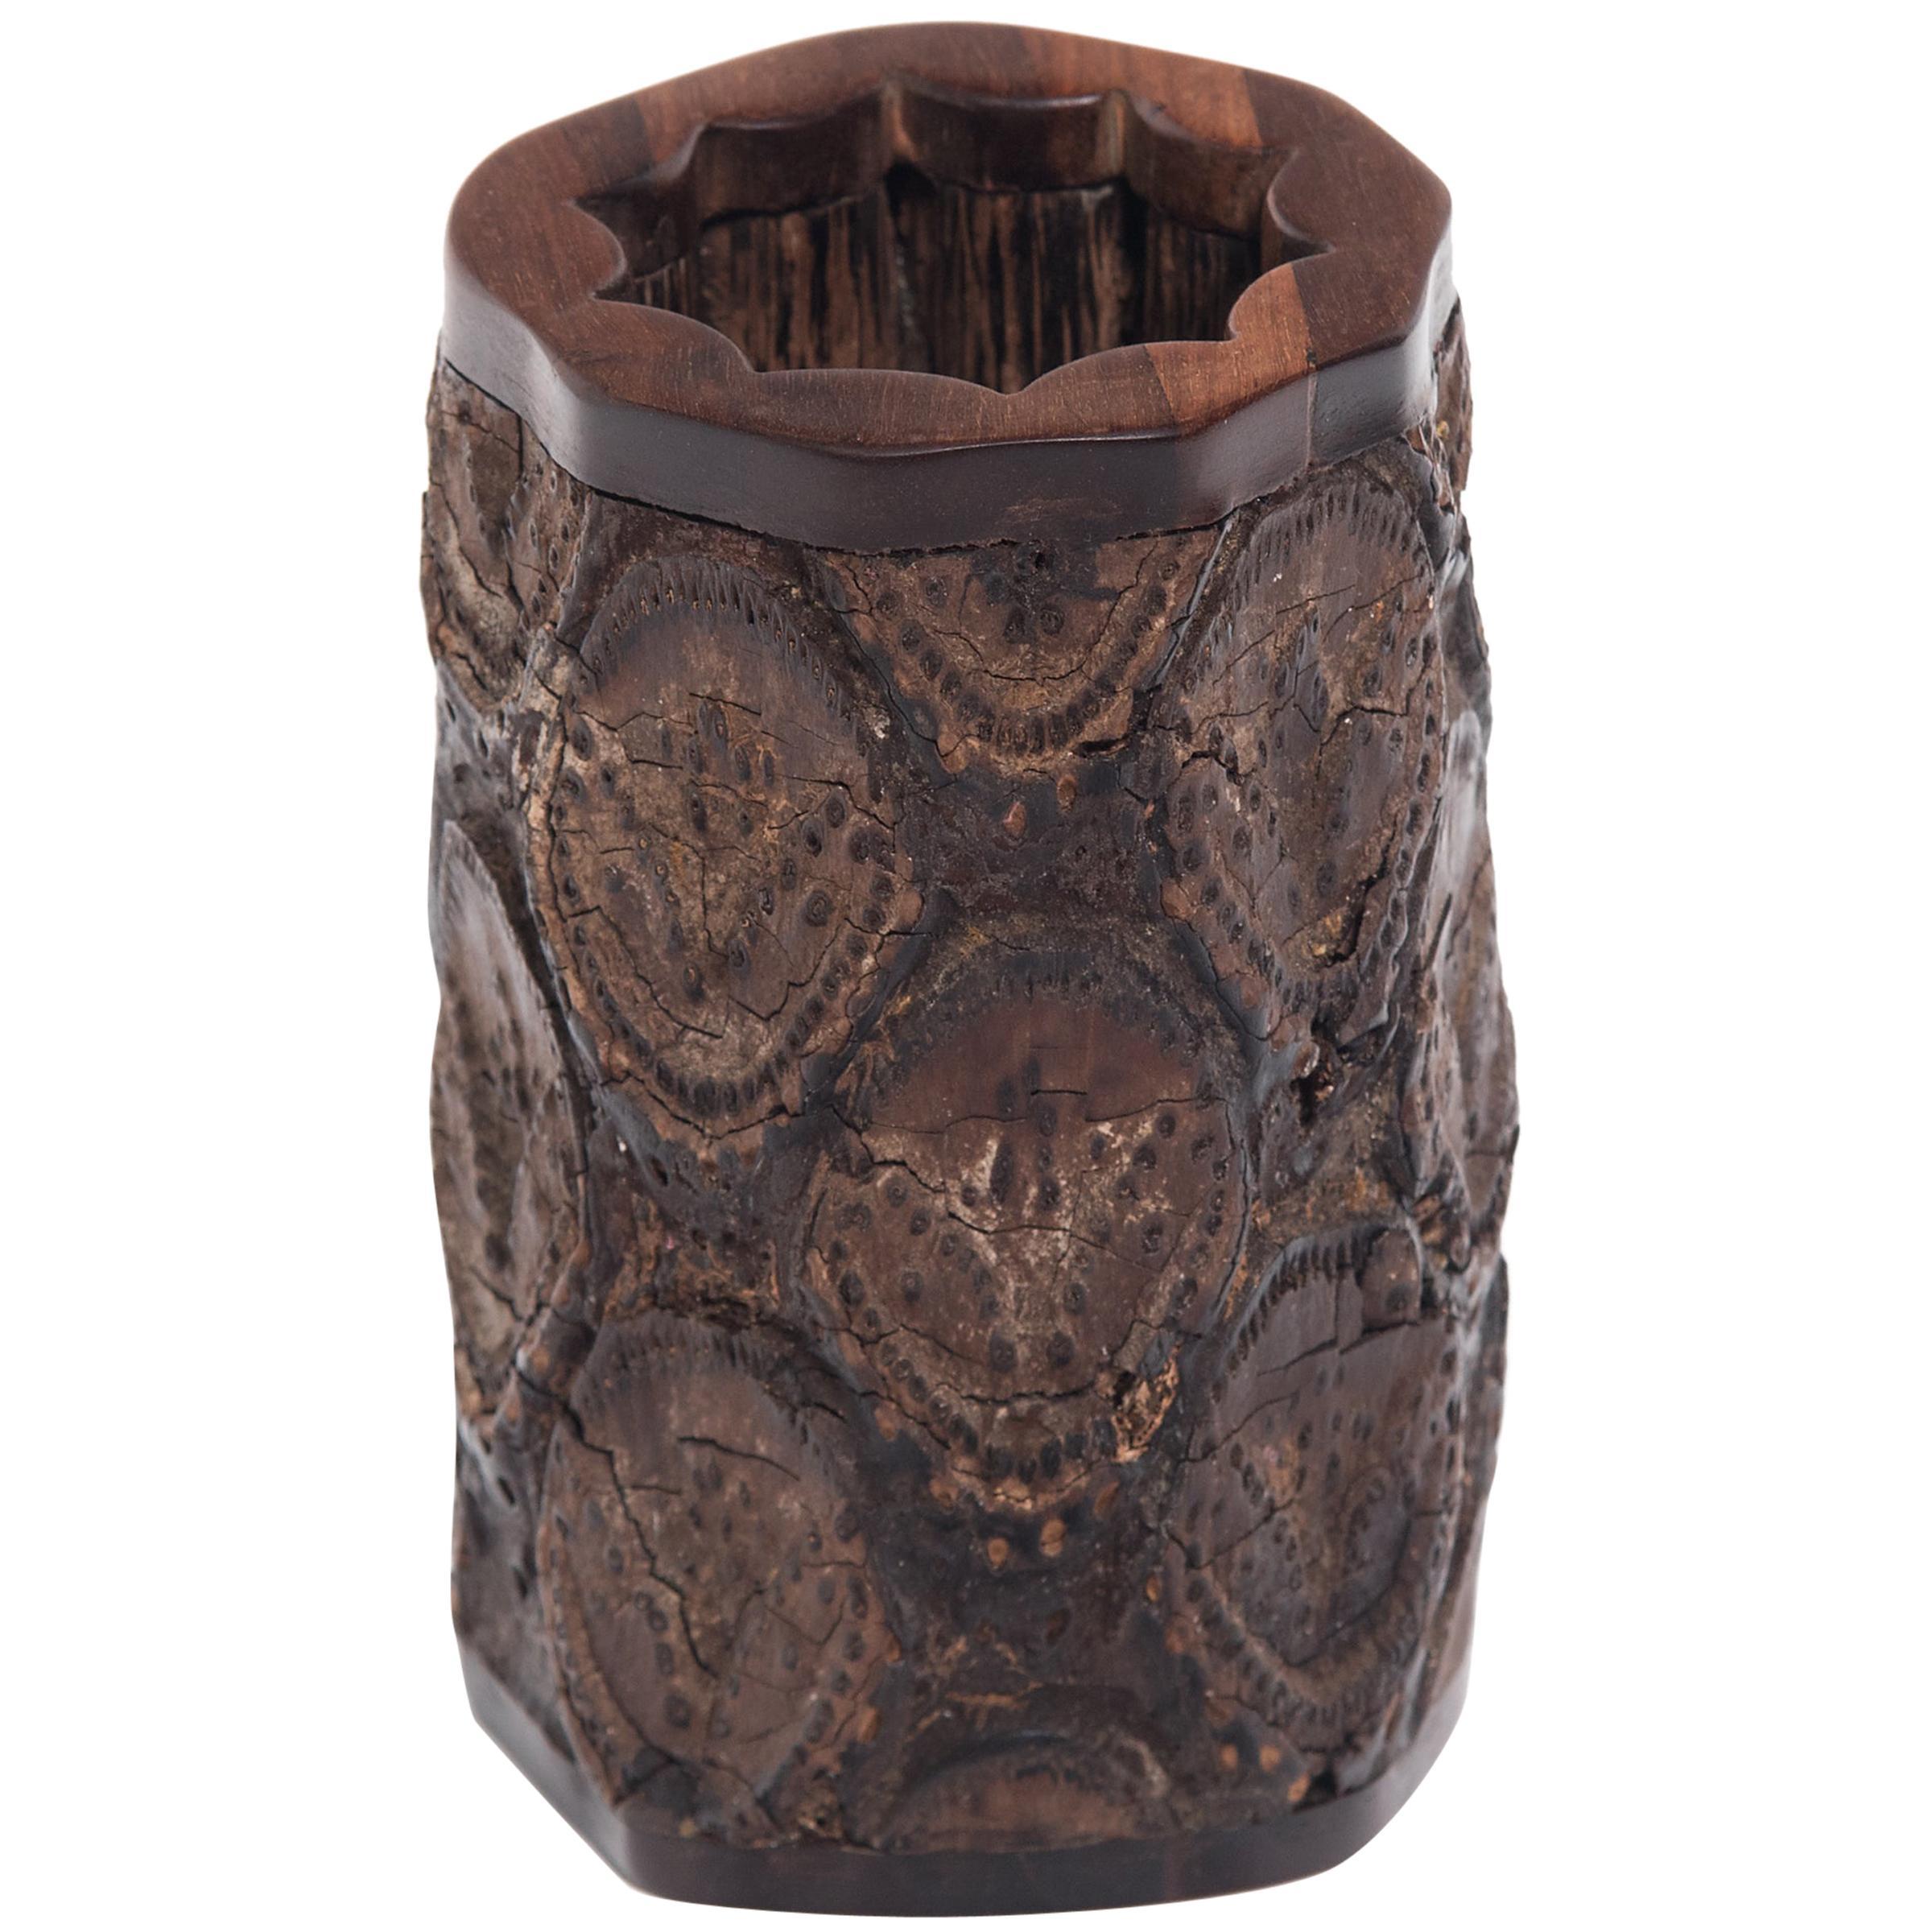 19th Century Chinese Gnarled Brush Pot